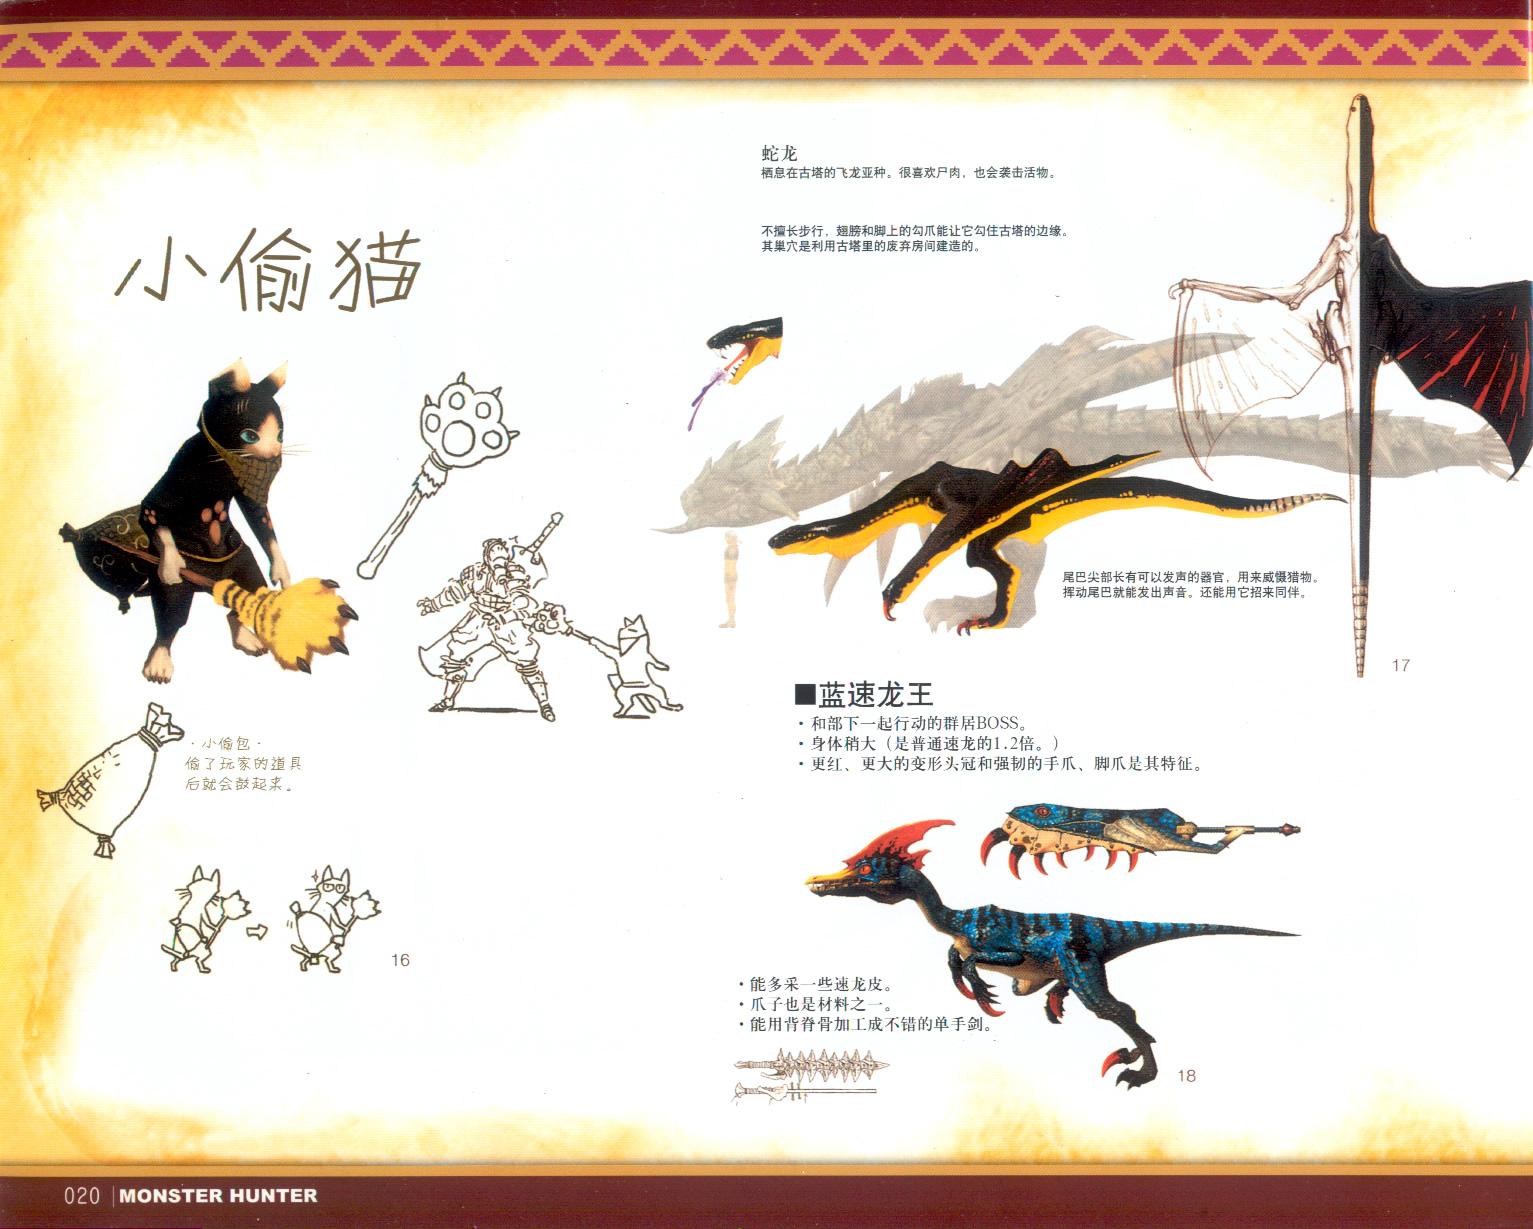 020_关注-游艺网GAME798海量资源下载怪物猎人终极画集.jpg